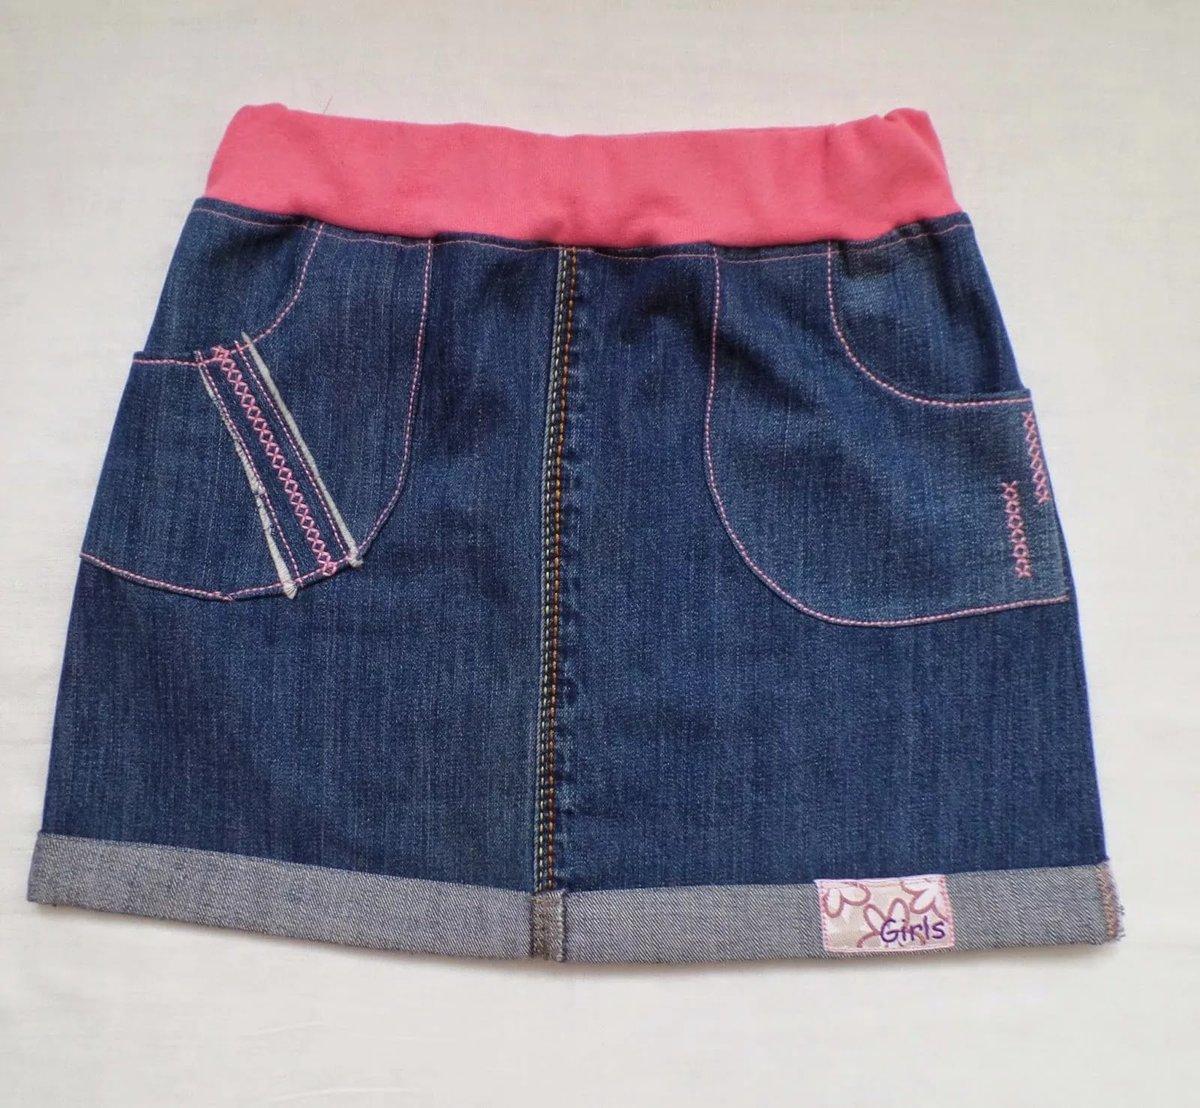 Юбка сделана своими руками с старых джинс